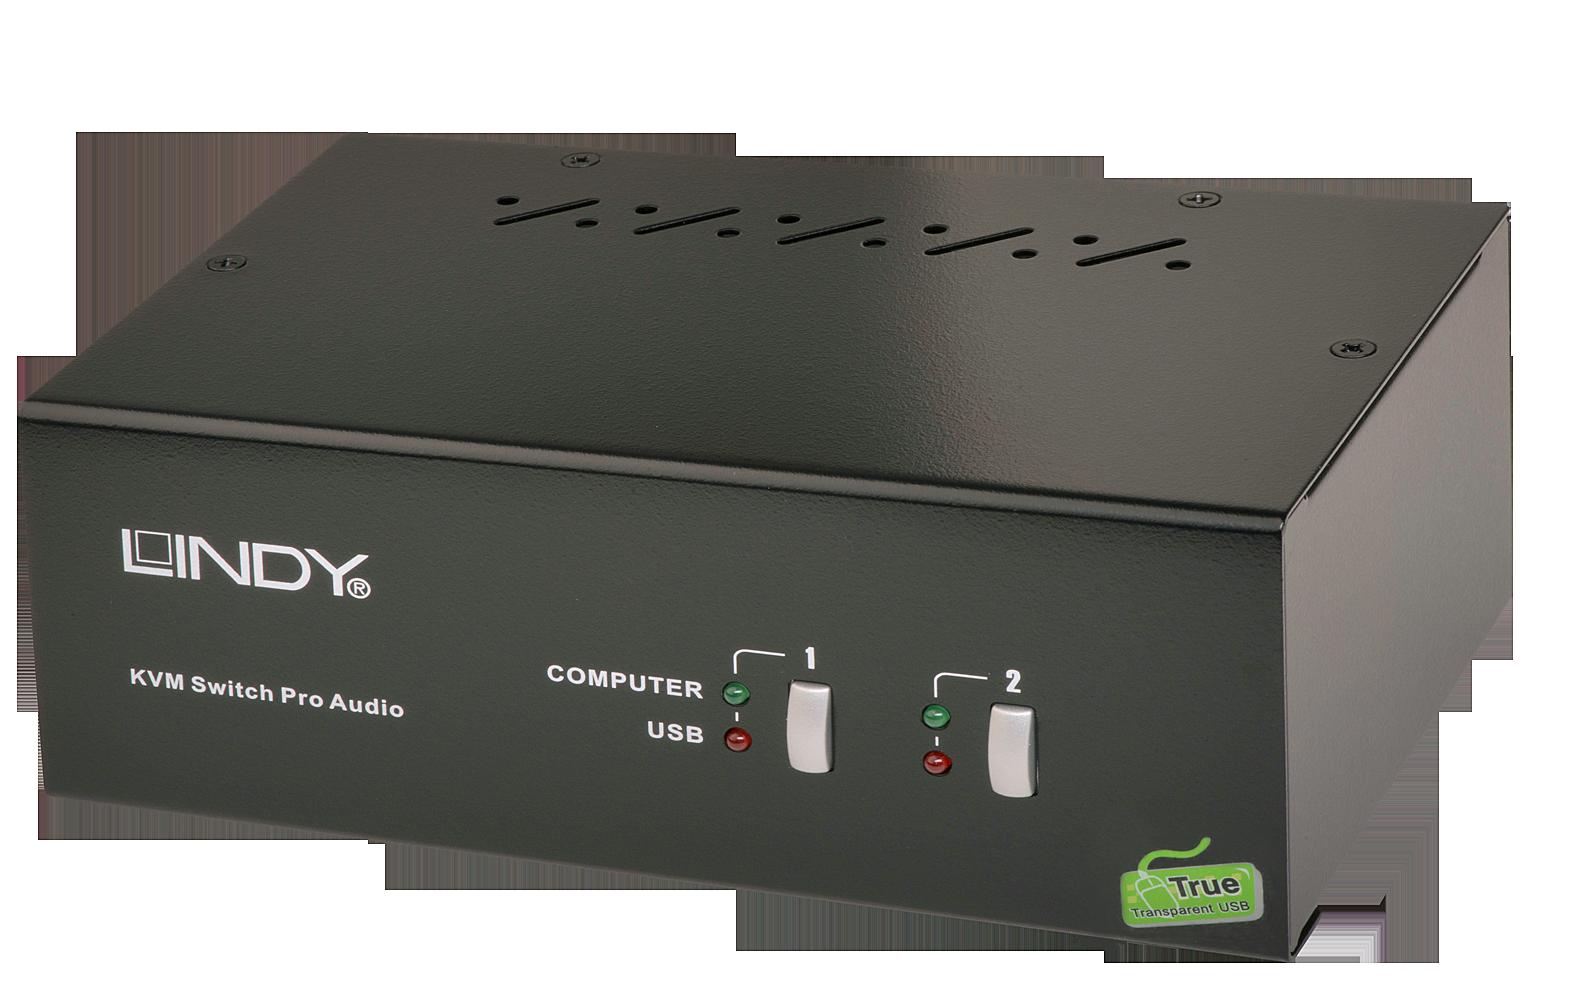 2 Port DVI Dual Link & Dual Head KVM Switch Pro Audio USB 2.0 - DVI bis 2560x1600